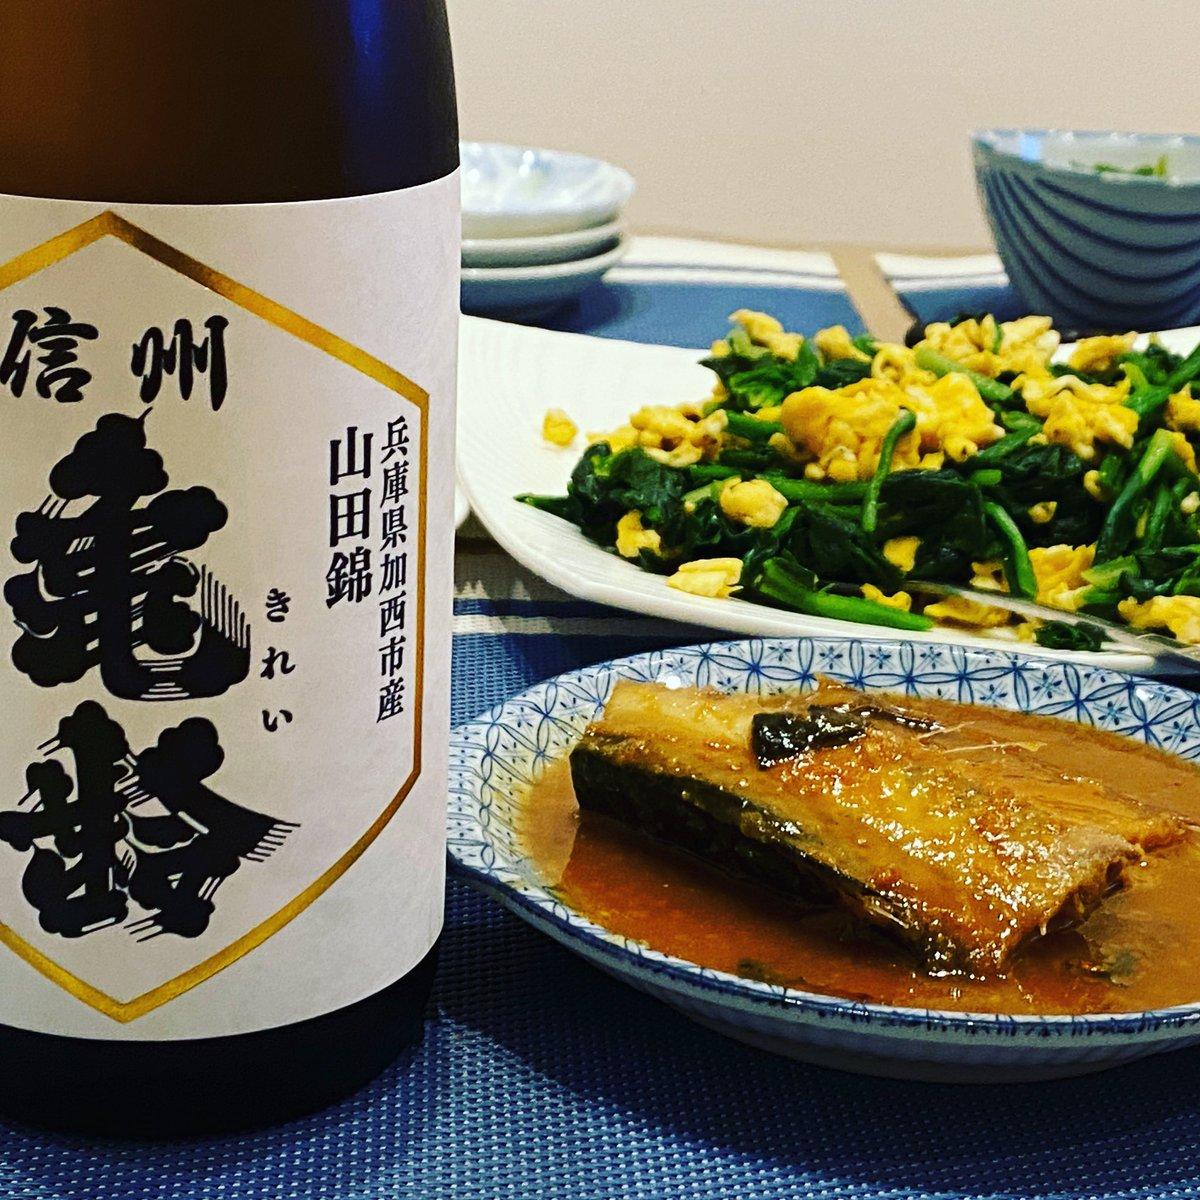 test ツイッターメディア - 信州亀齢が最近Twitterでよく投稿される意味が分かりました。うまうま超絶ジューシーなお酒。もう少ししたら人気出過ぎて買えなくなっちゃうね。  #信州亀齢 #日本酒好きな人と繋がりたい https://t.co/qe8cRMhQMU